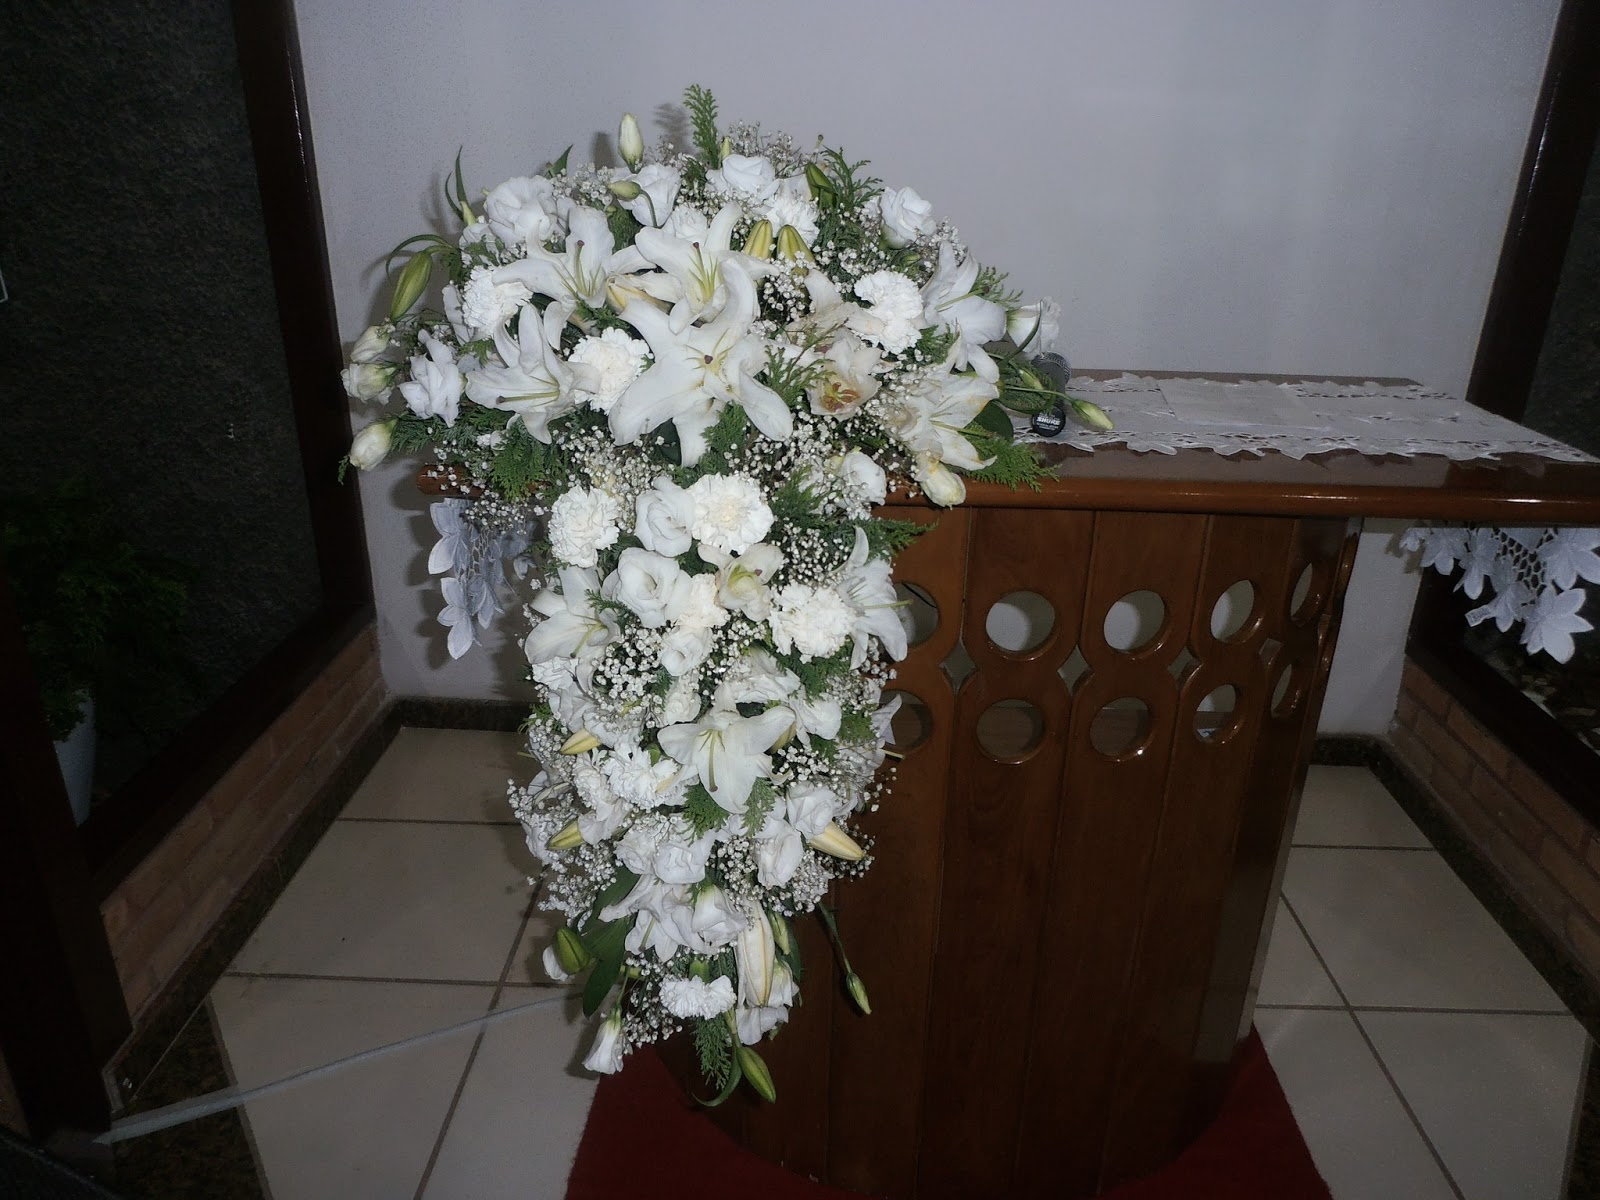 Faça você mesmo meu amor Arranjo floral para cerimônia  - Fotos De Arranjos De Flores Para Igreja